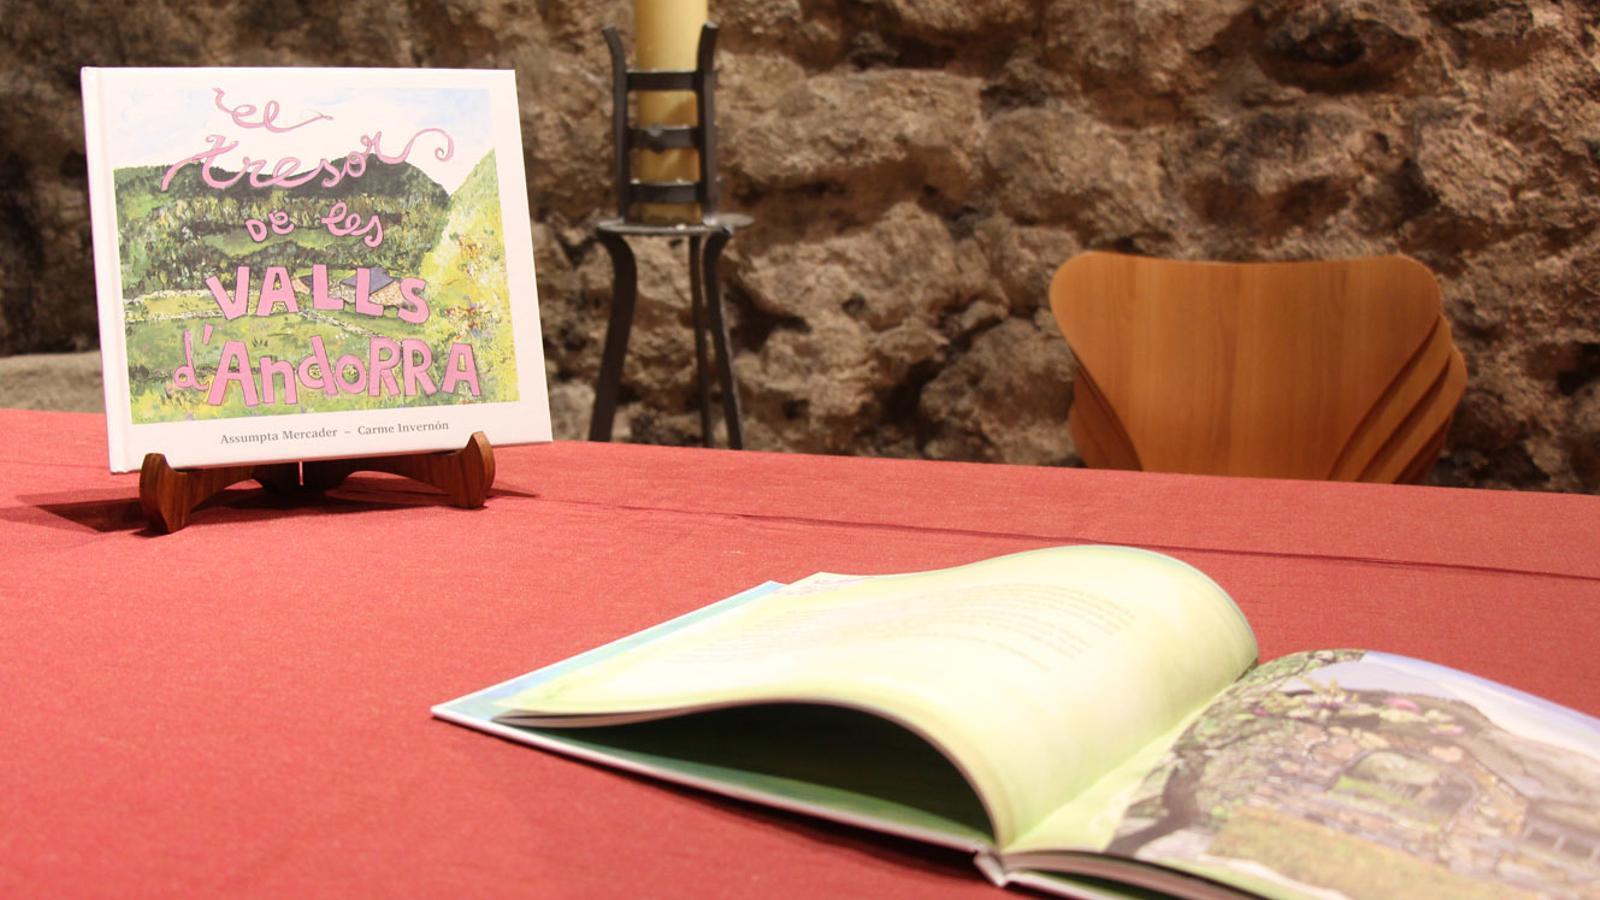 El conte infantil 'El tresor de les Valls' a l'església de Santa Coloma. / M. P. (ANA)